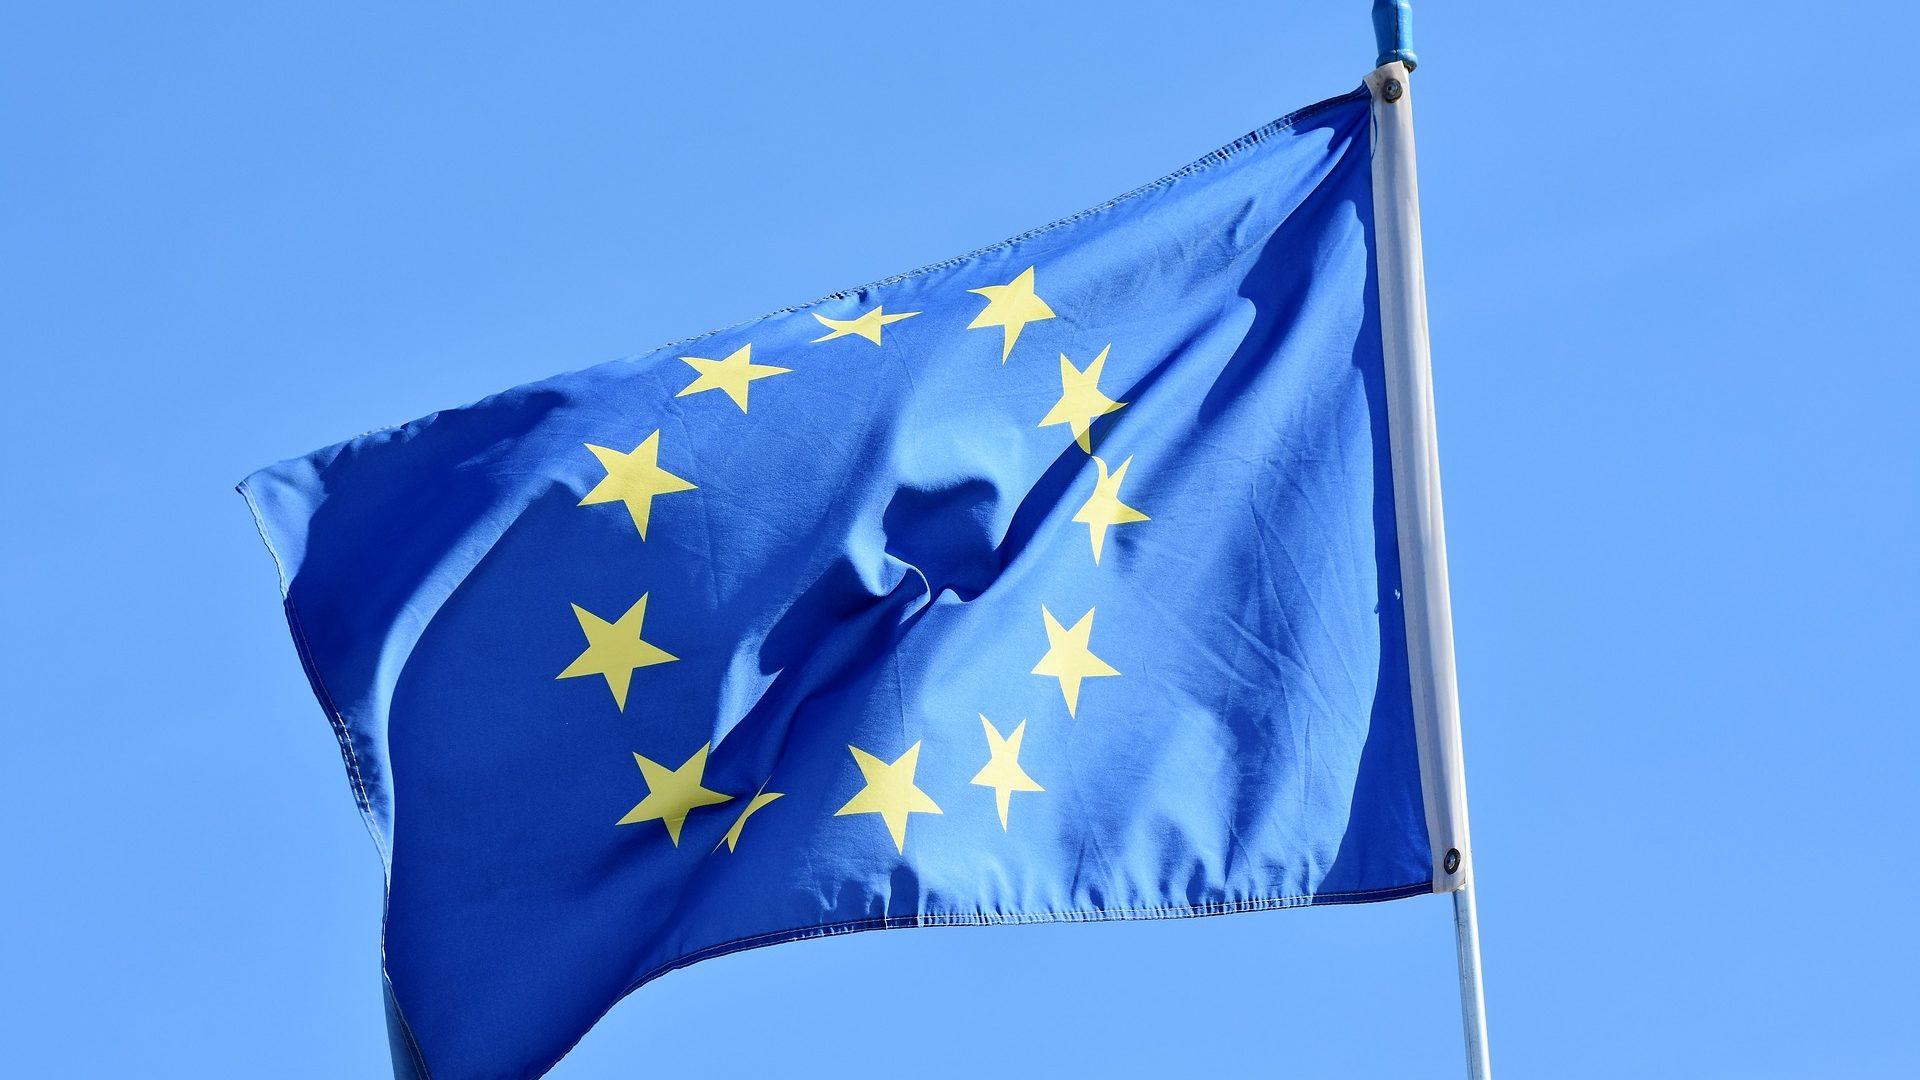 Die gehisste europäische Flagge (gelbe, kreisförmig angeordnete Sterne auf blauem Grund) flattert an einem Fahnenmast vor blauem Himmel.